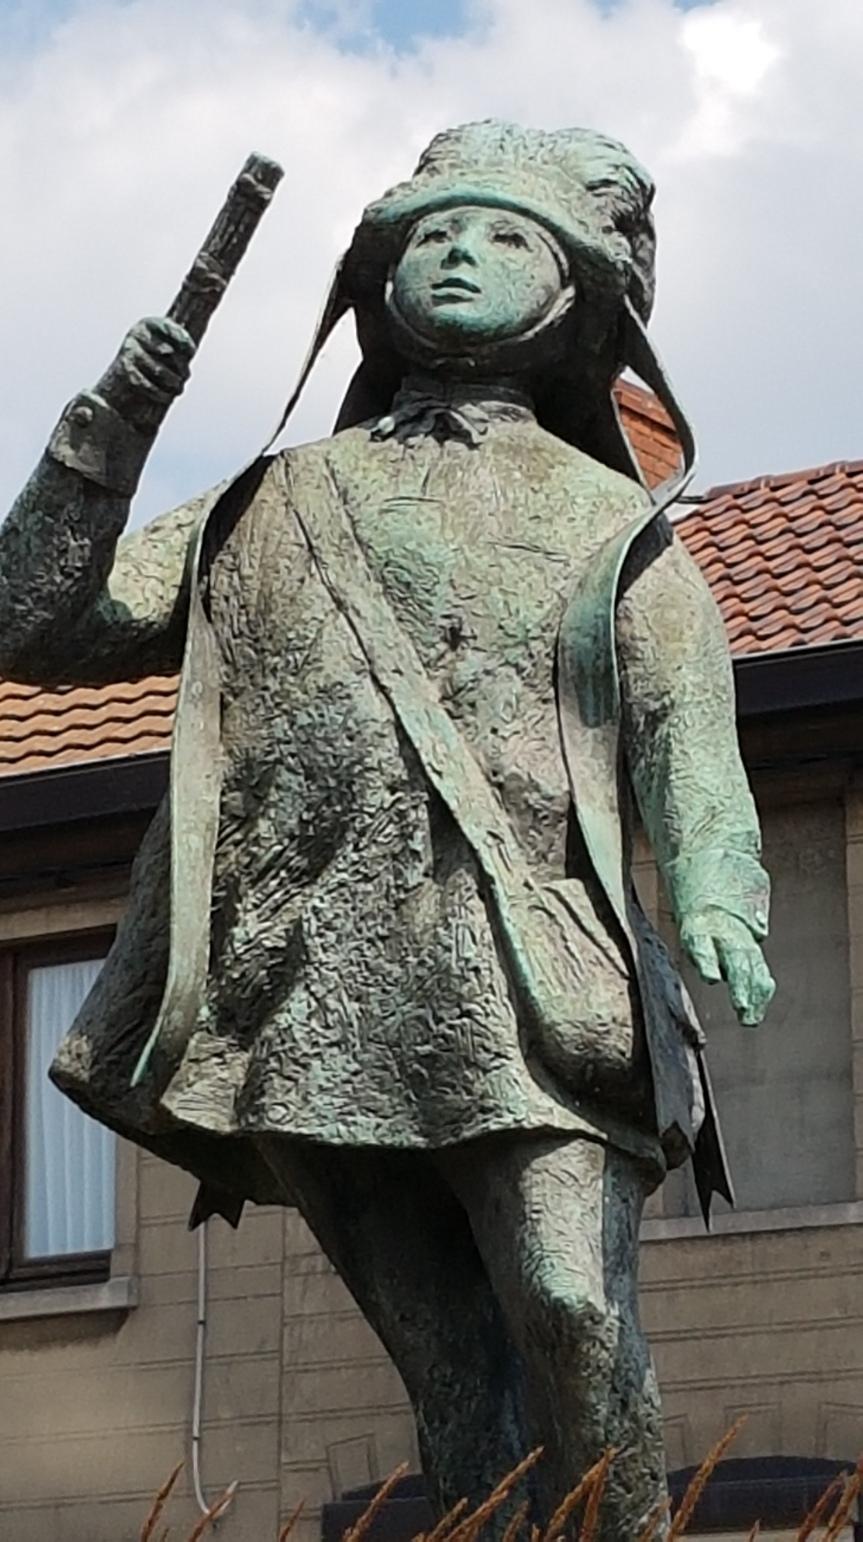 Quelques explications à propos… des Statues de Binche, premièrepartie.